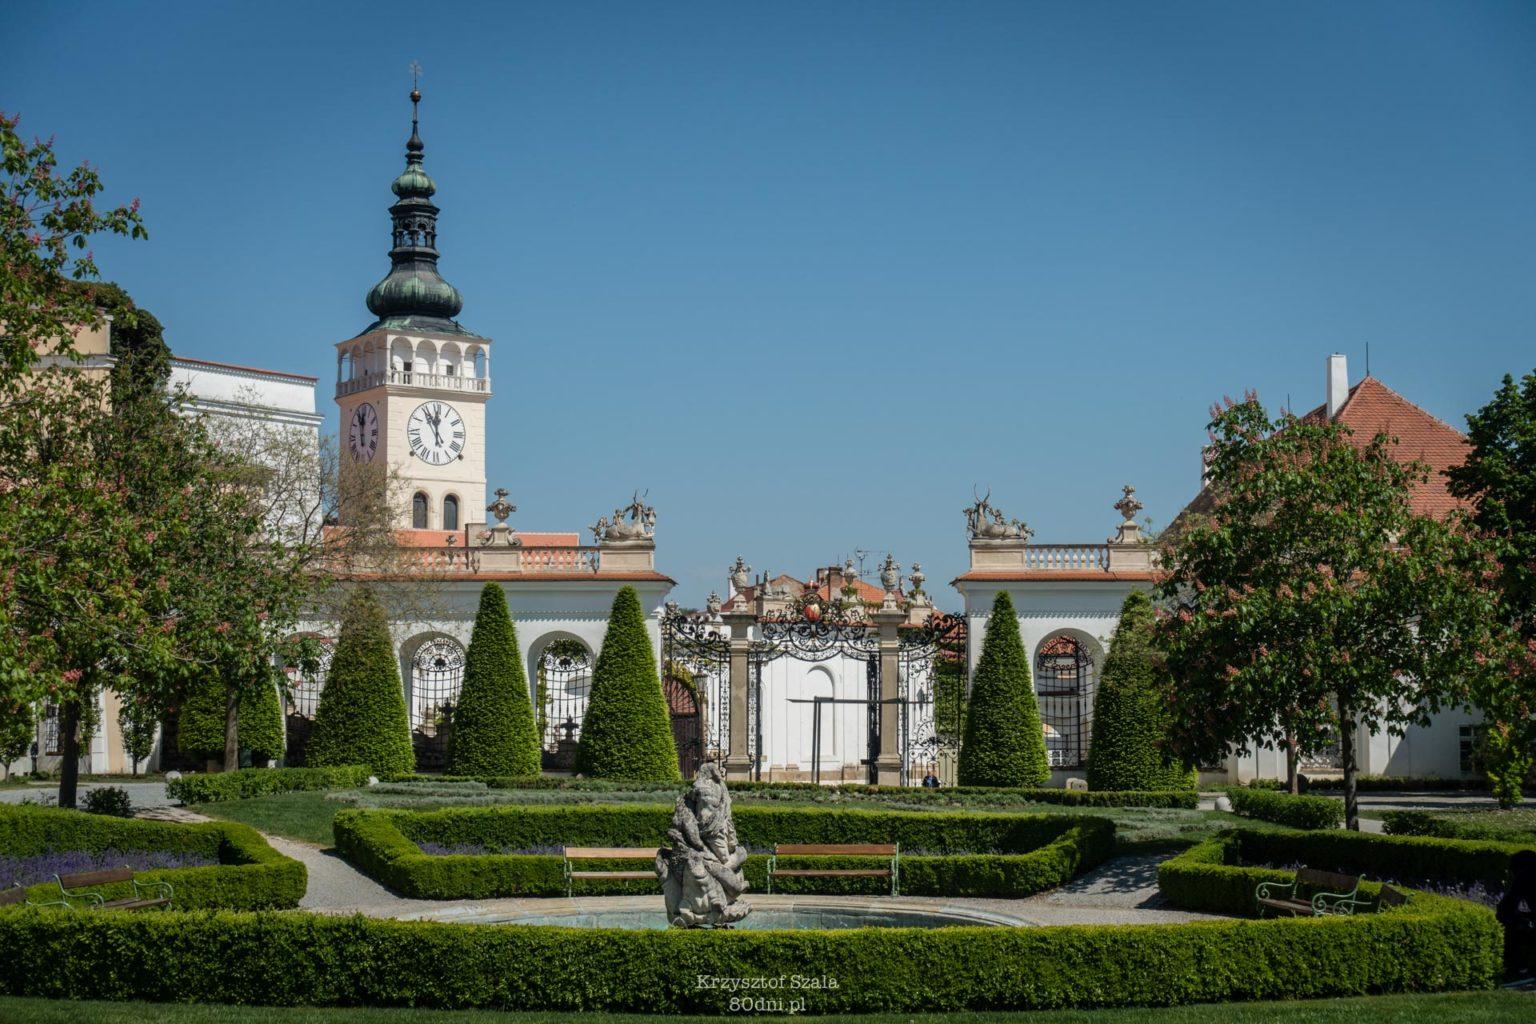 Ogród zamkowy w Mikulovie. W tle wieża kościoła św. Wacława.